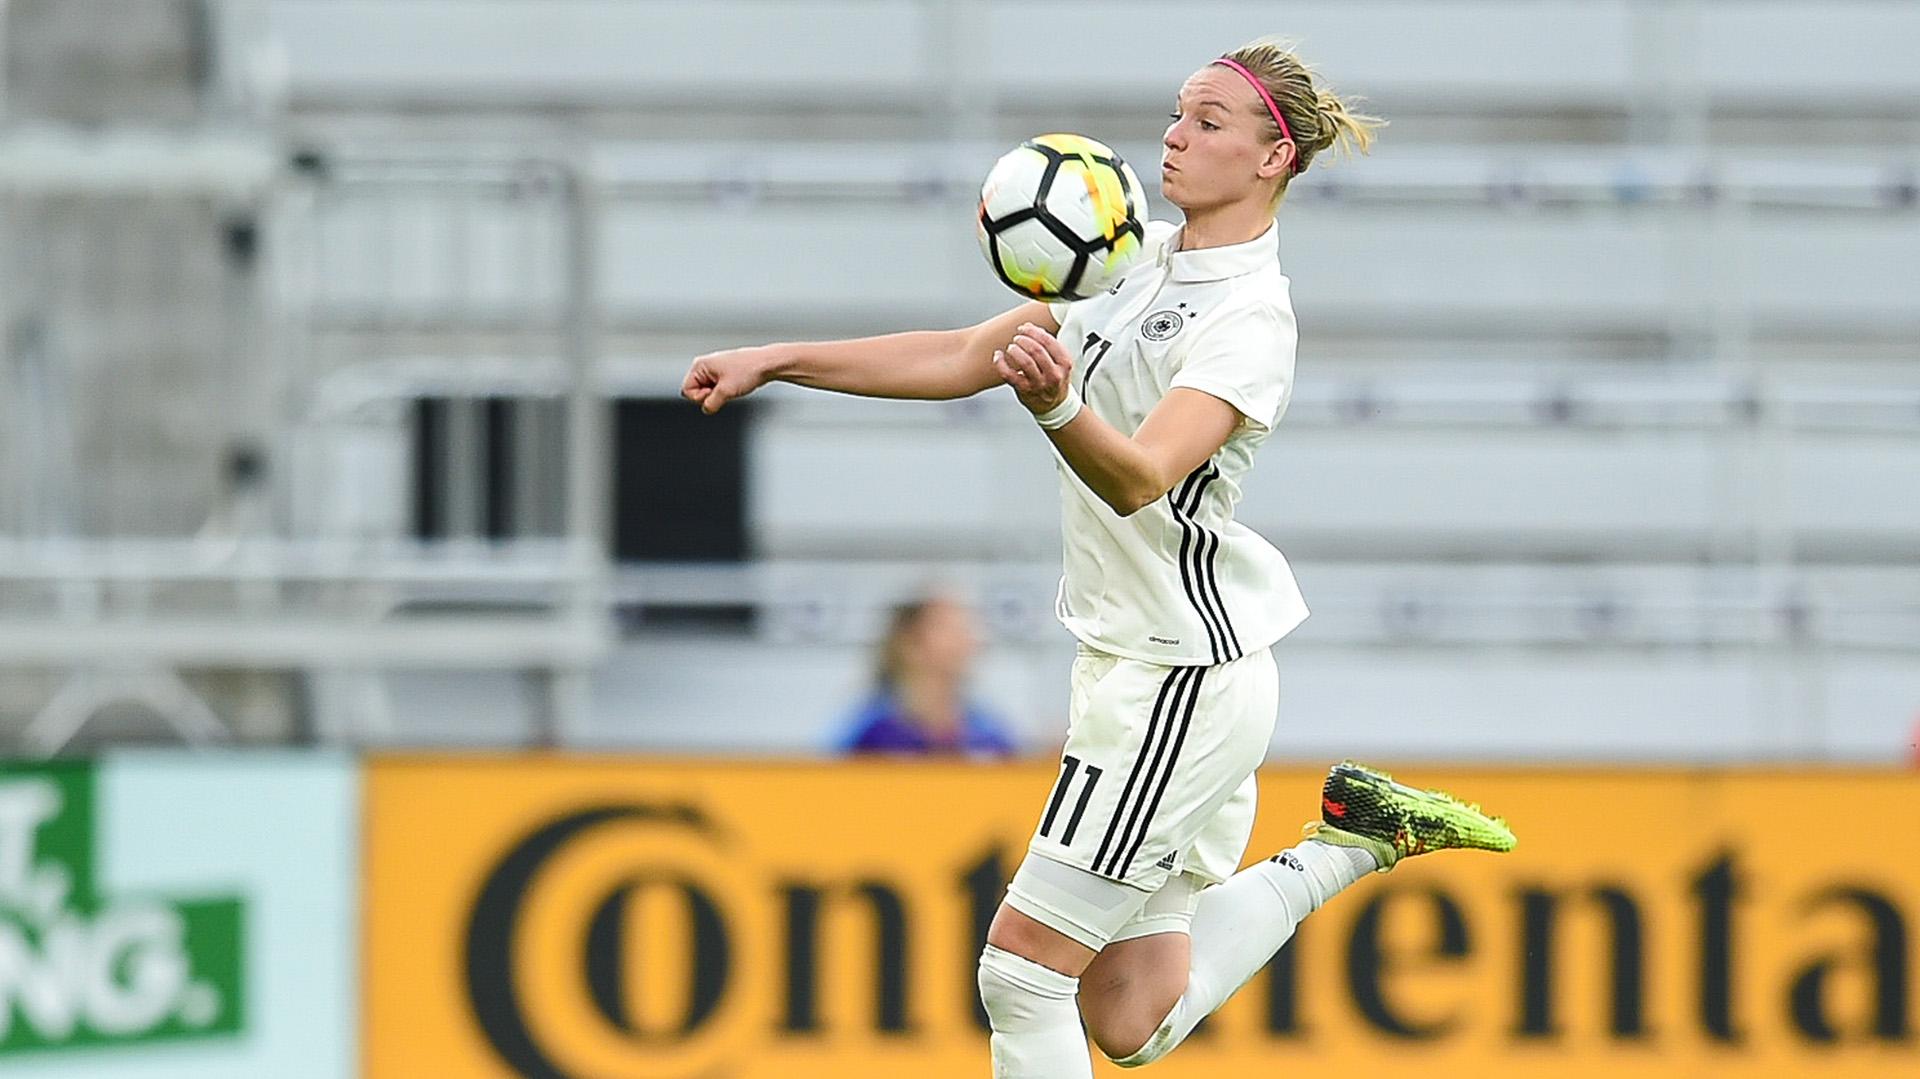 Alexandra Popp, la delantera y goleadora de la selección alemana, fue una de las protagonistas del video (Shutterstock)